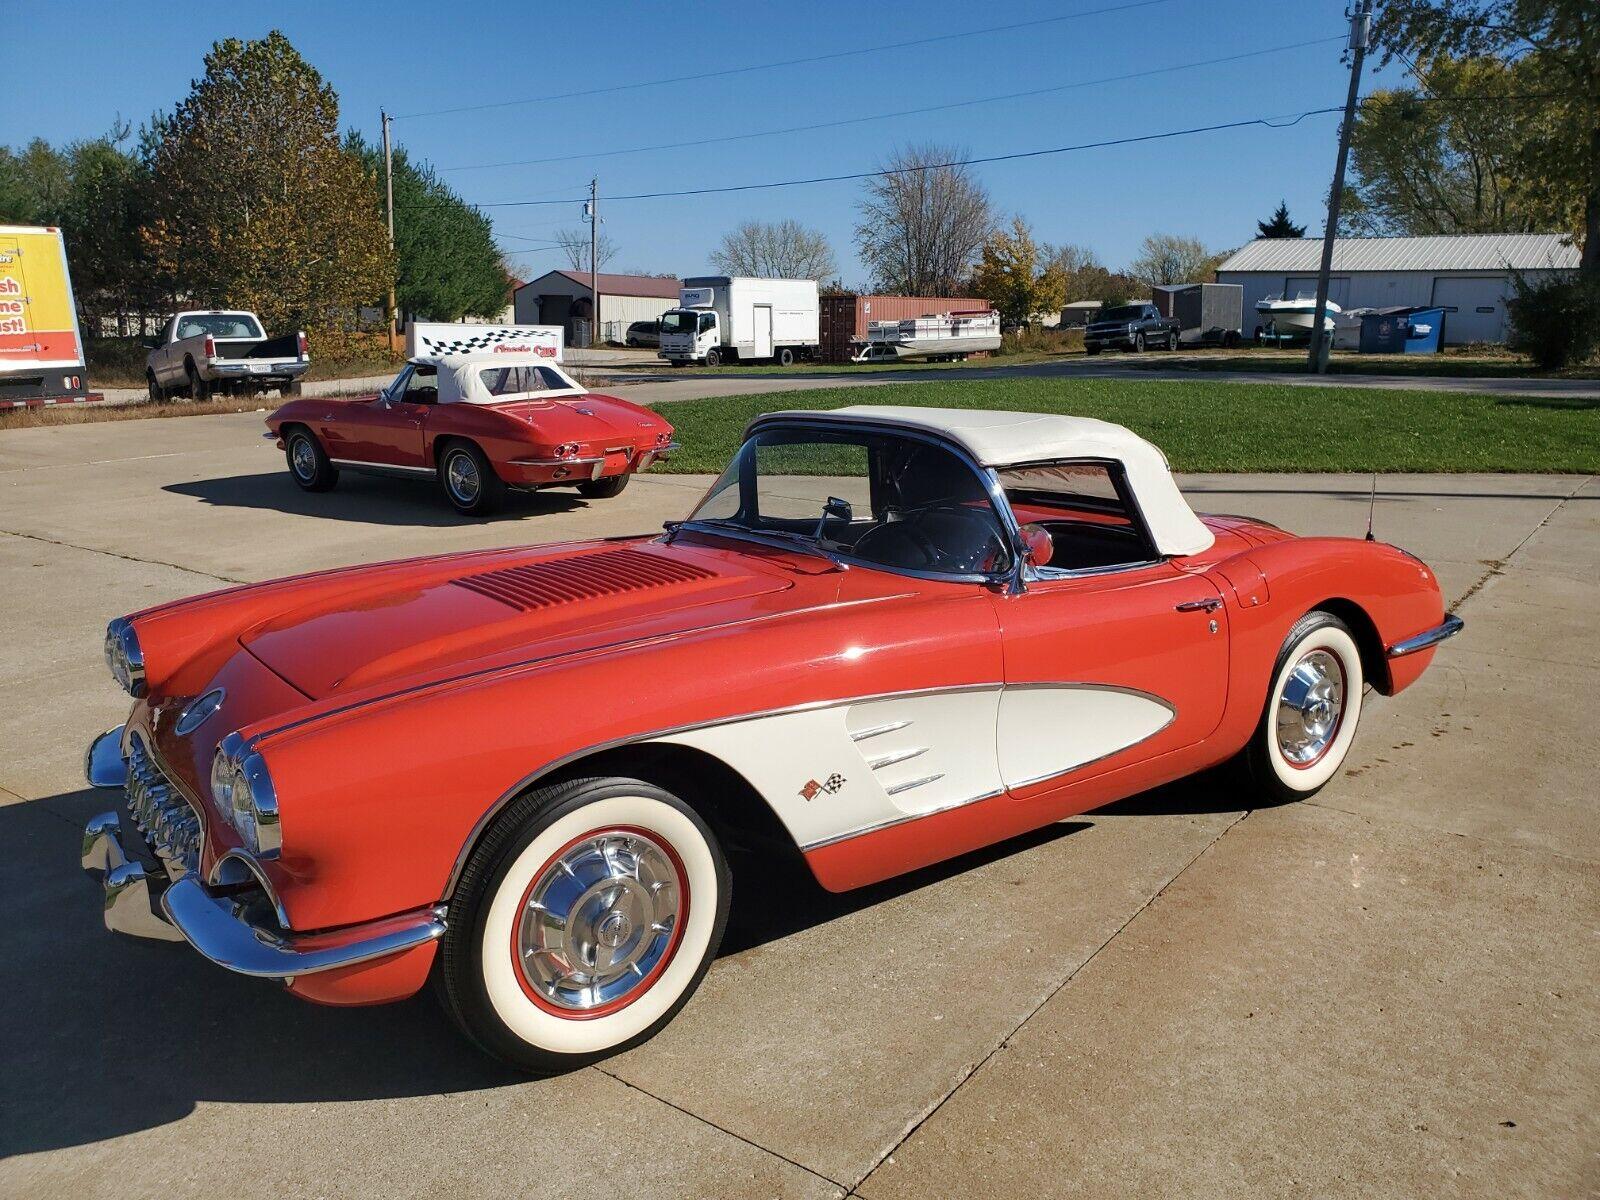 1958 SIGNET RED Chevrolet Corvette   | C1 Corvette Photo 1